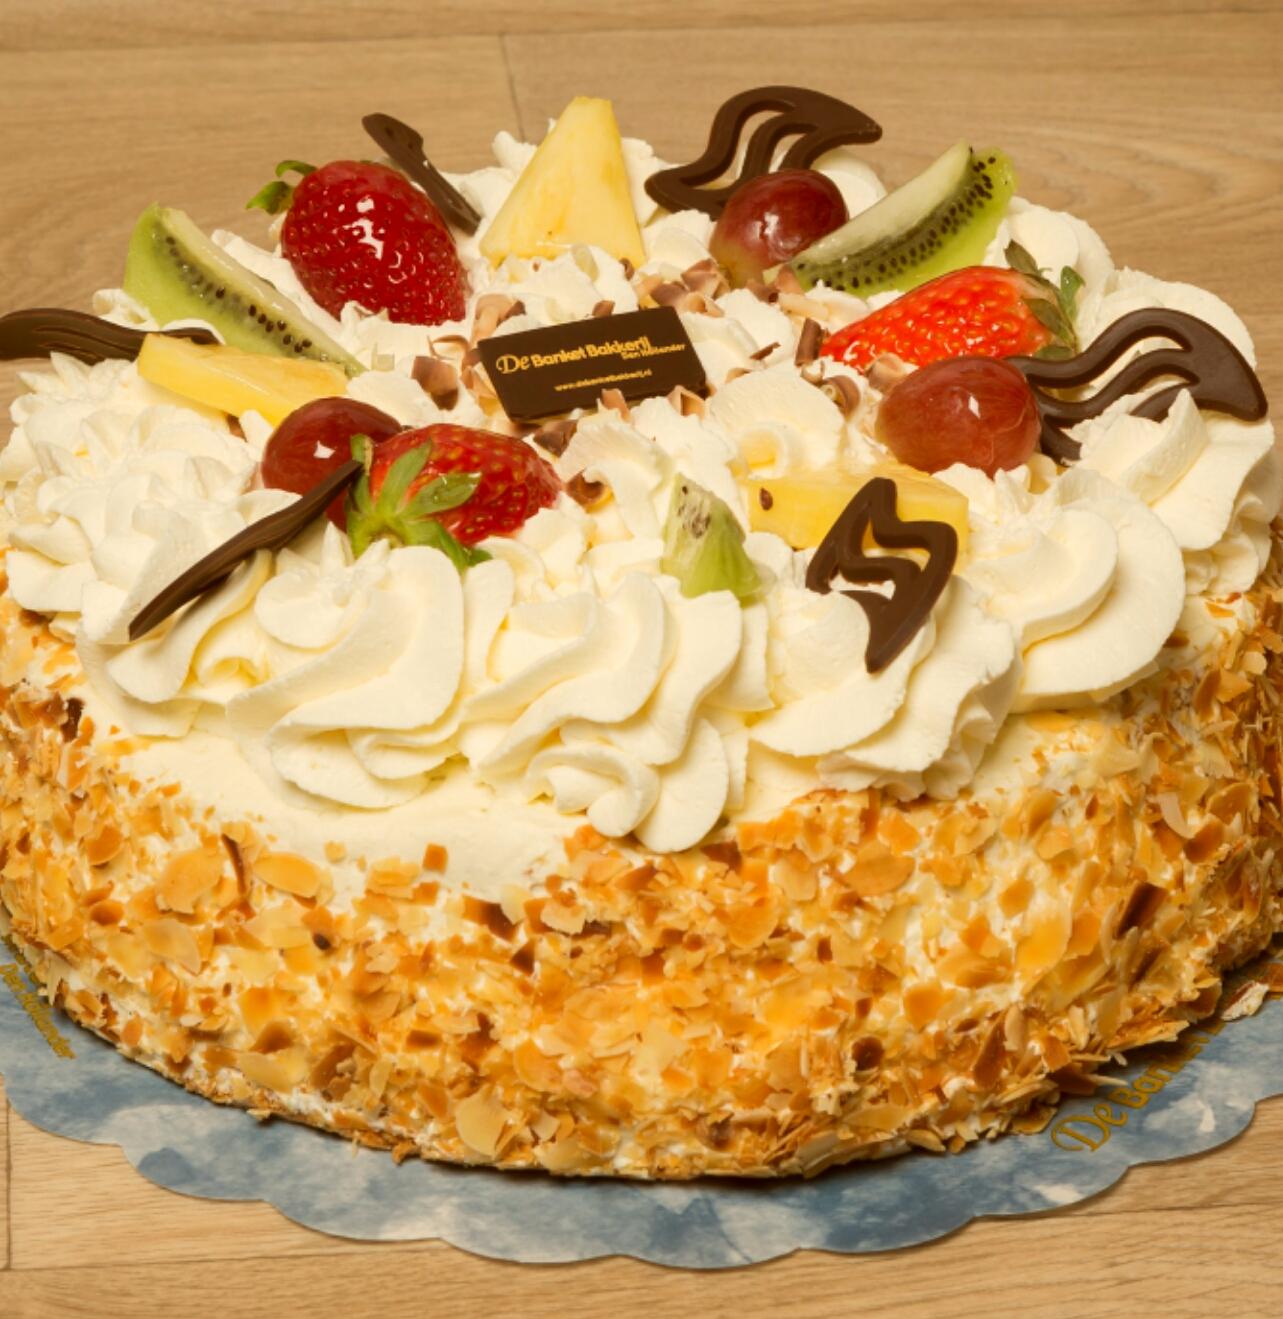 aanbieding taart Aanbiedings slagroom taart   Banketbakkerij Den Hollander aanbieding taart